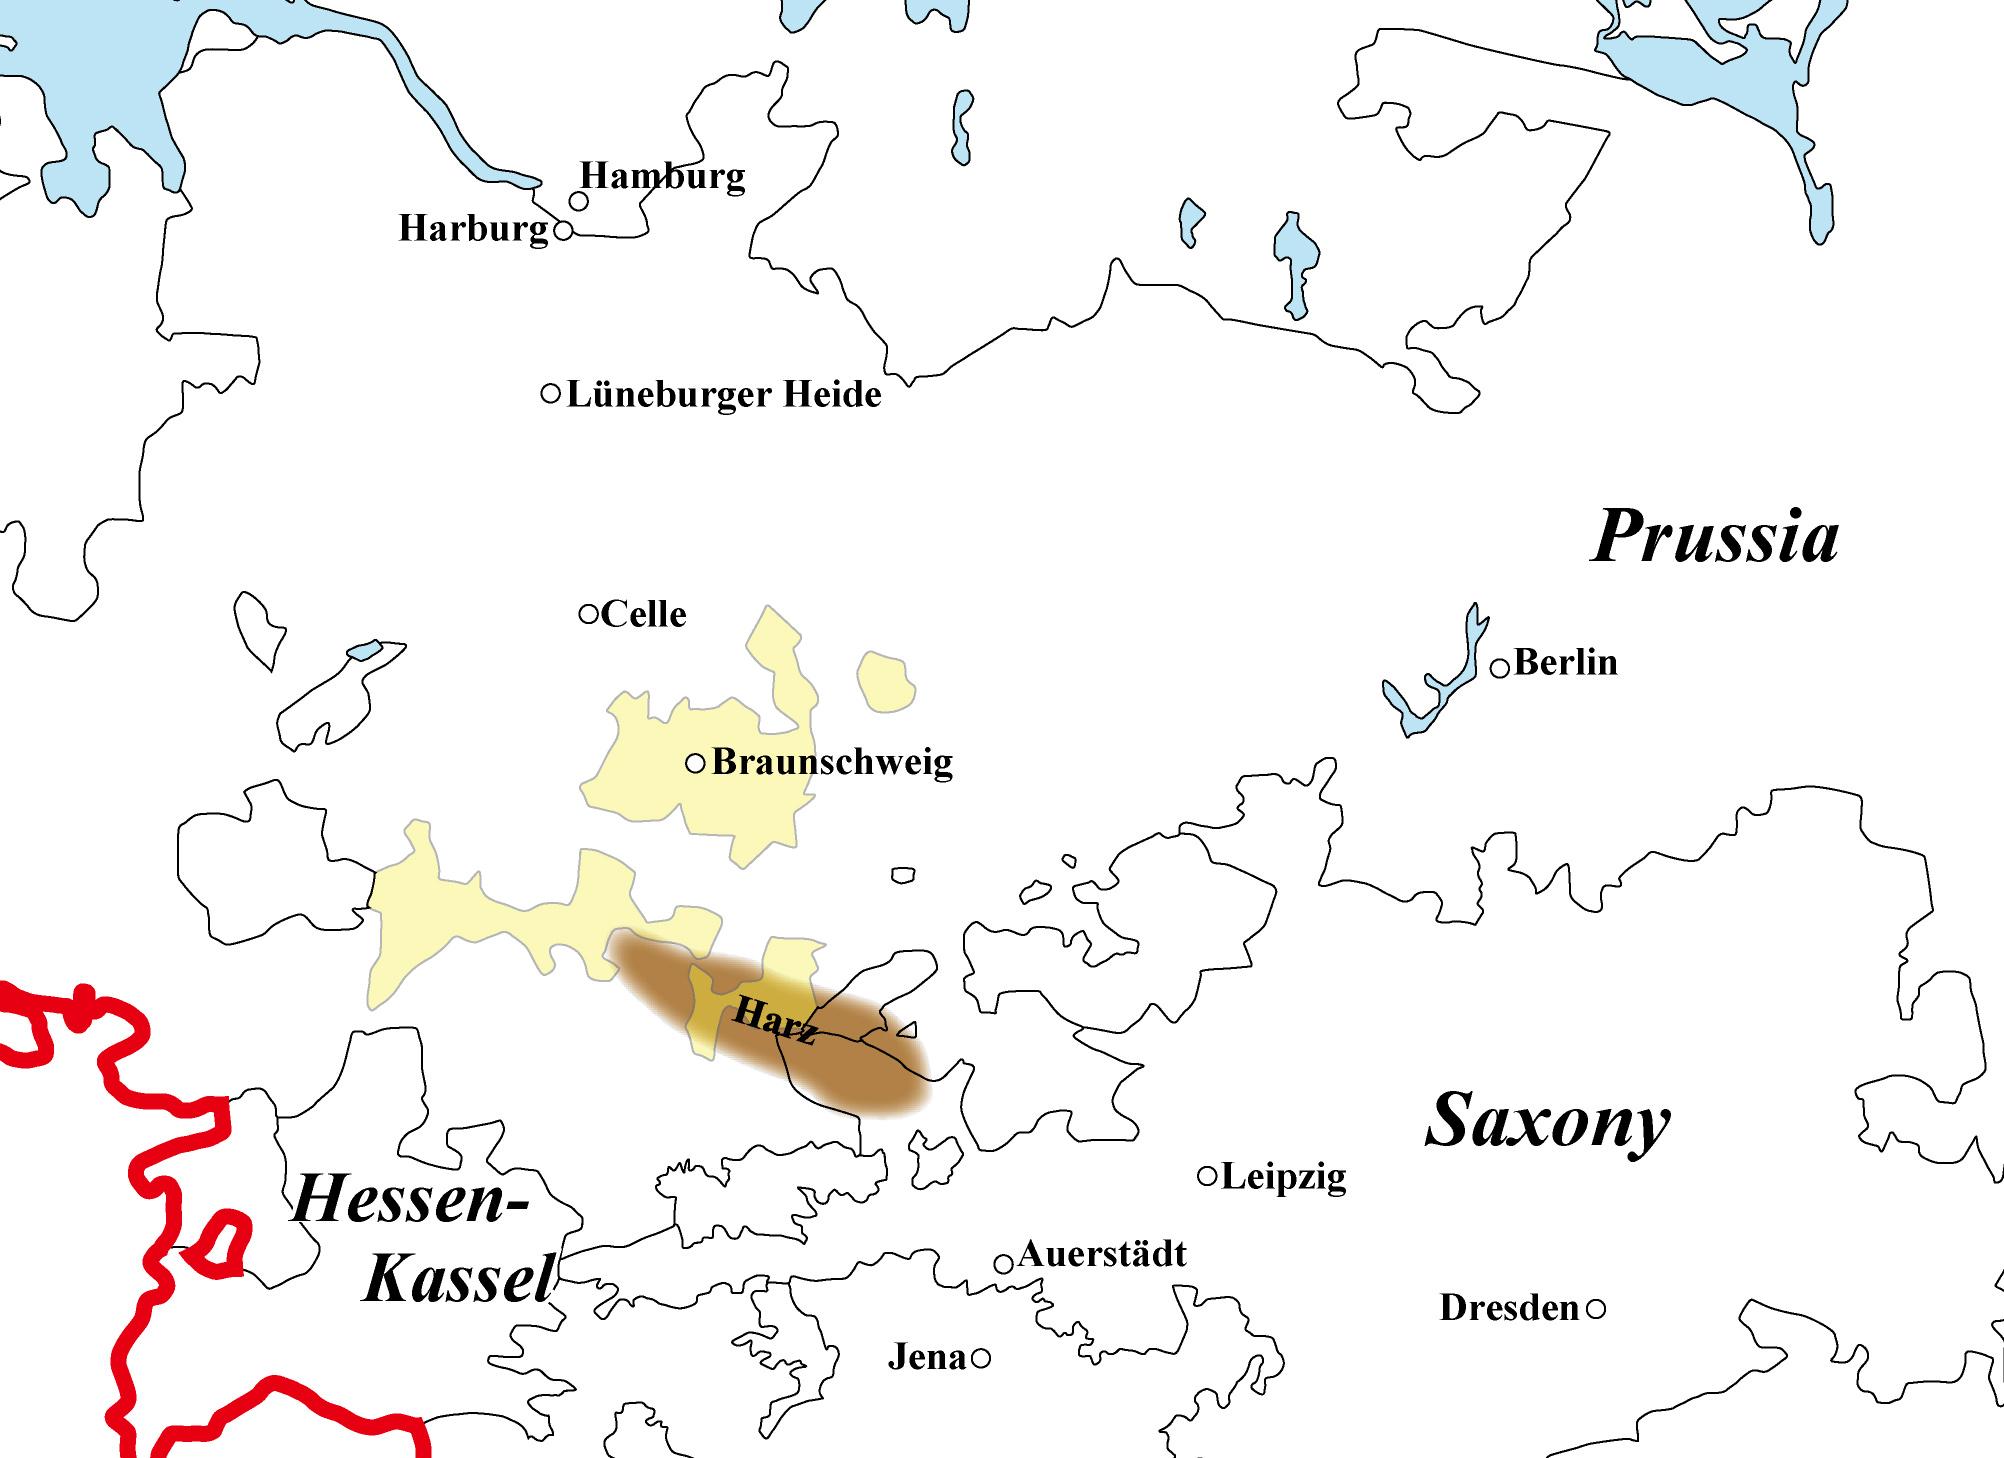 1806年戦役用02ブラウンシュヴァイク死用2